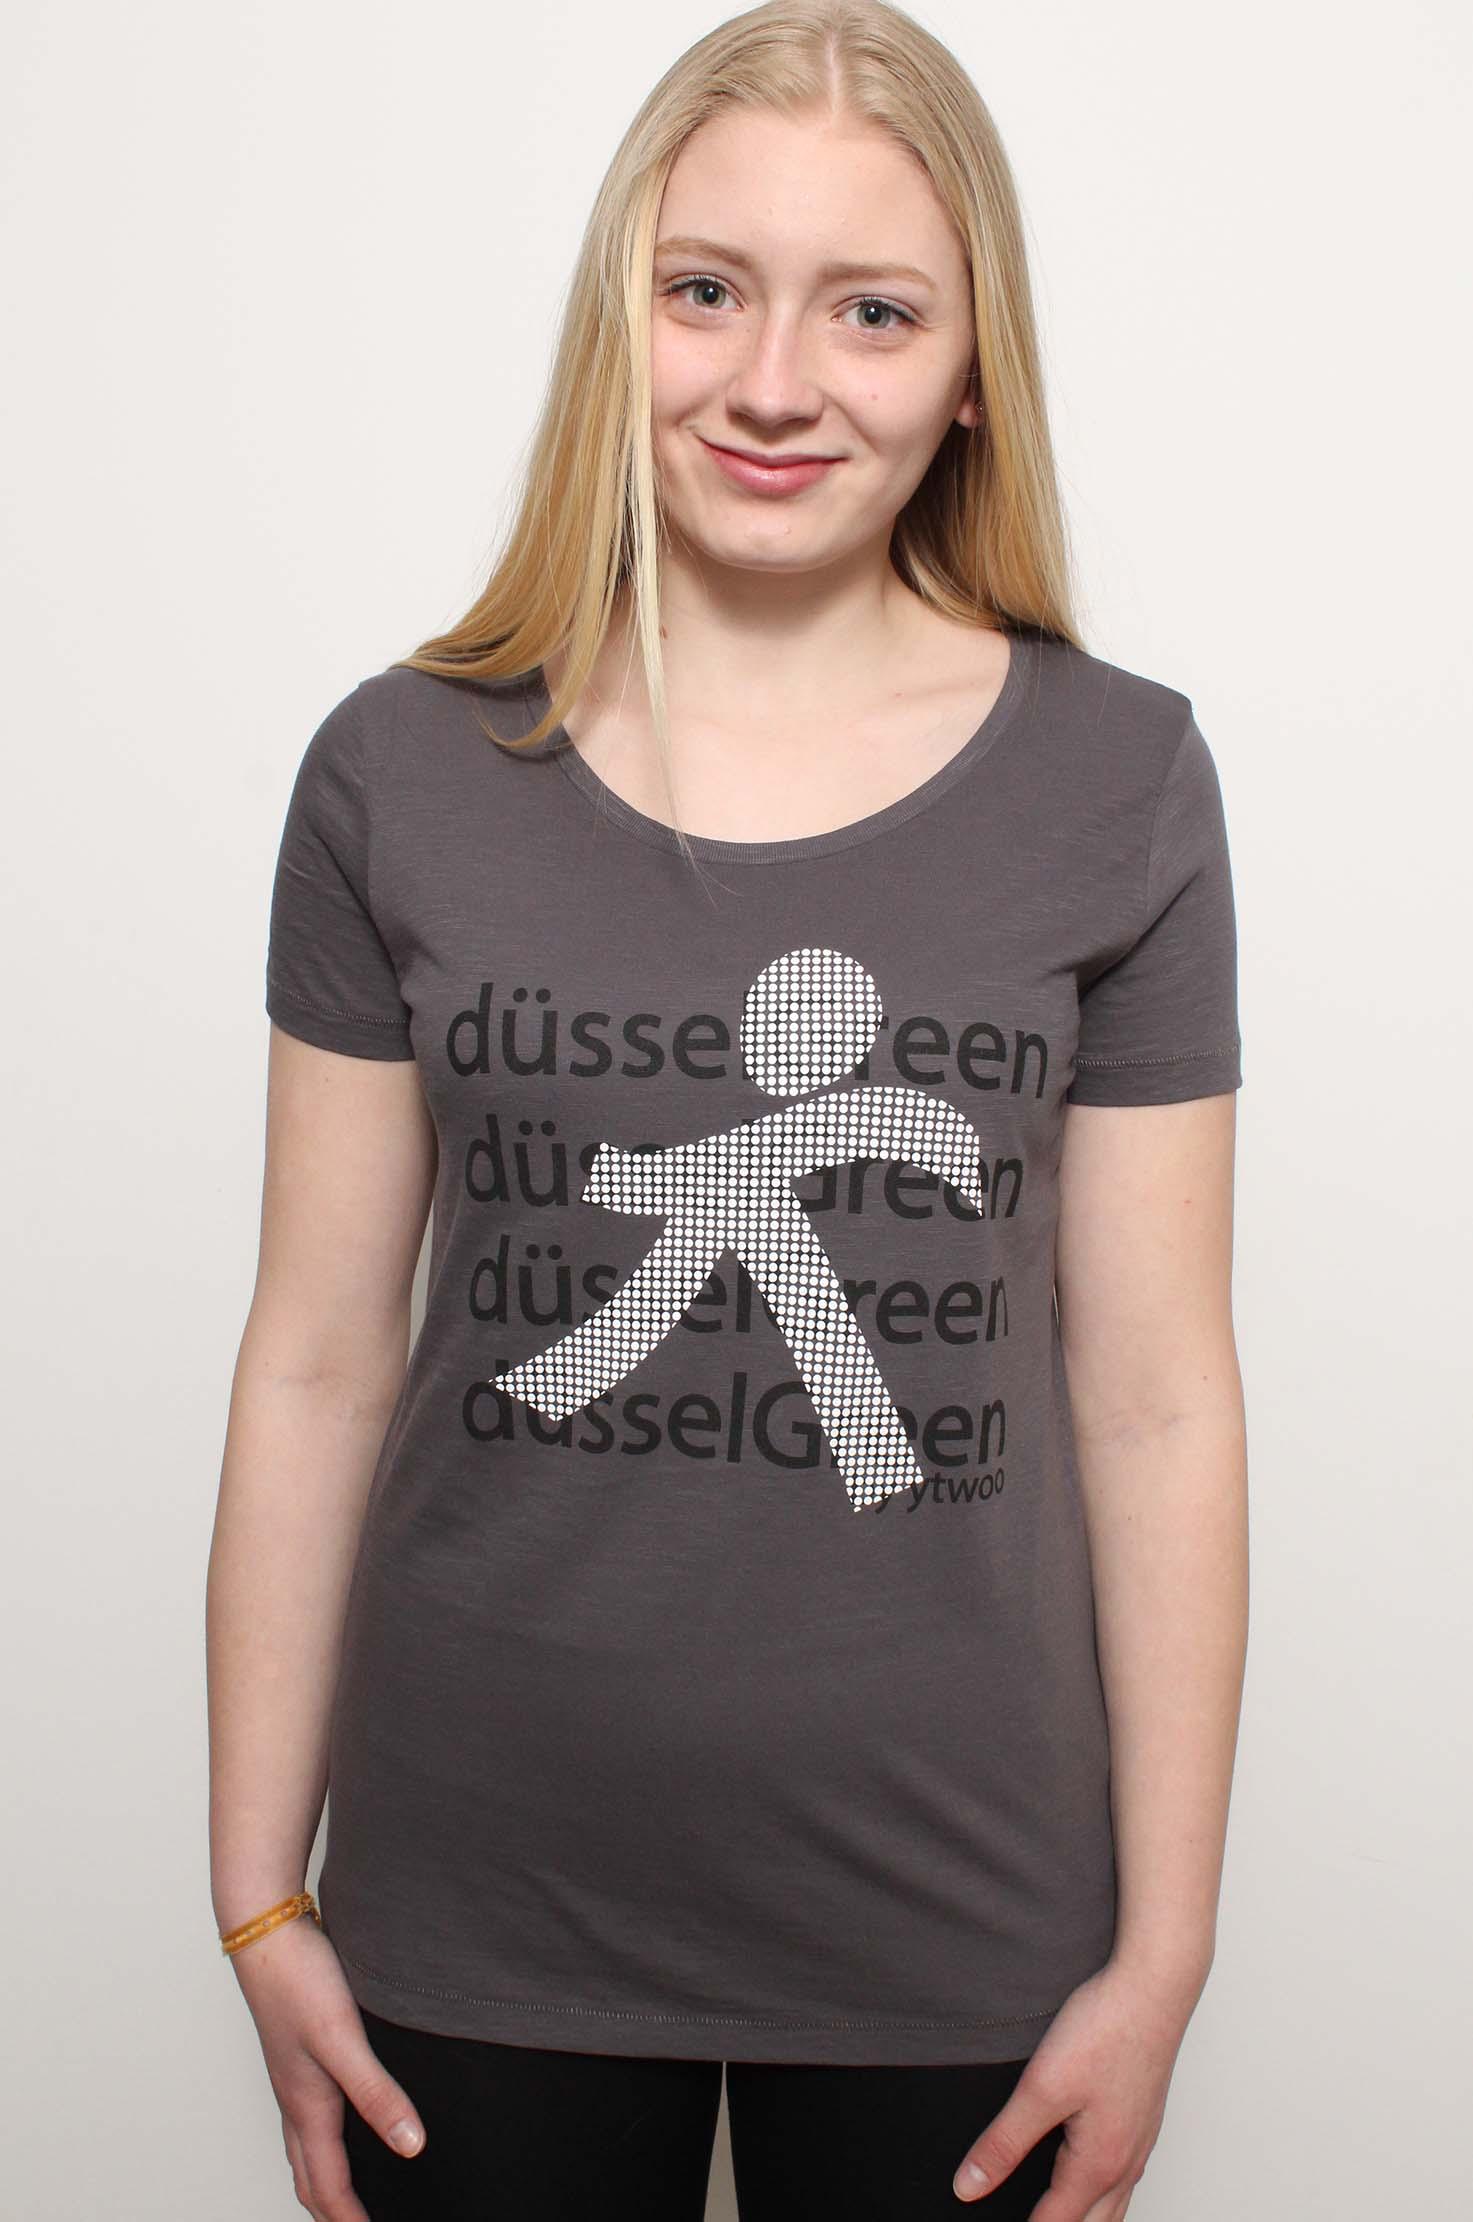 bio t shirts f r damen mit stylischen druck ytwoo. Black Bedroom Furniture Sets. Home Design Ideas